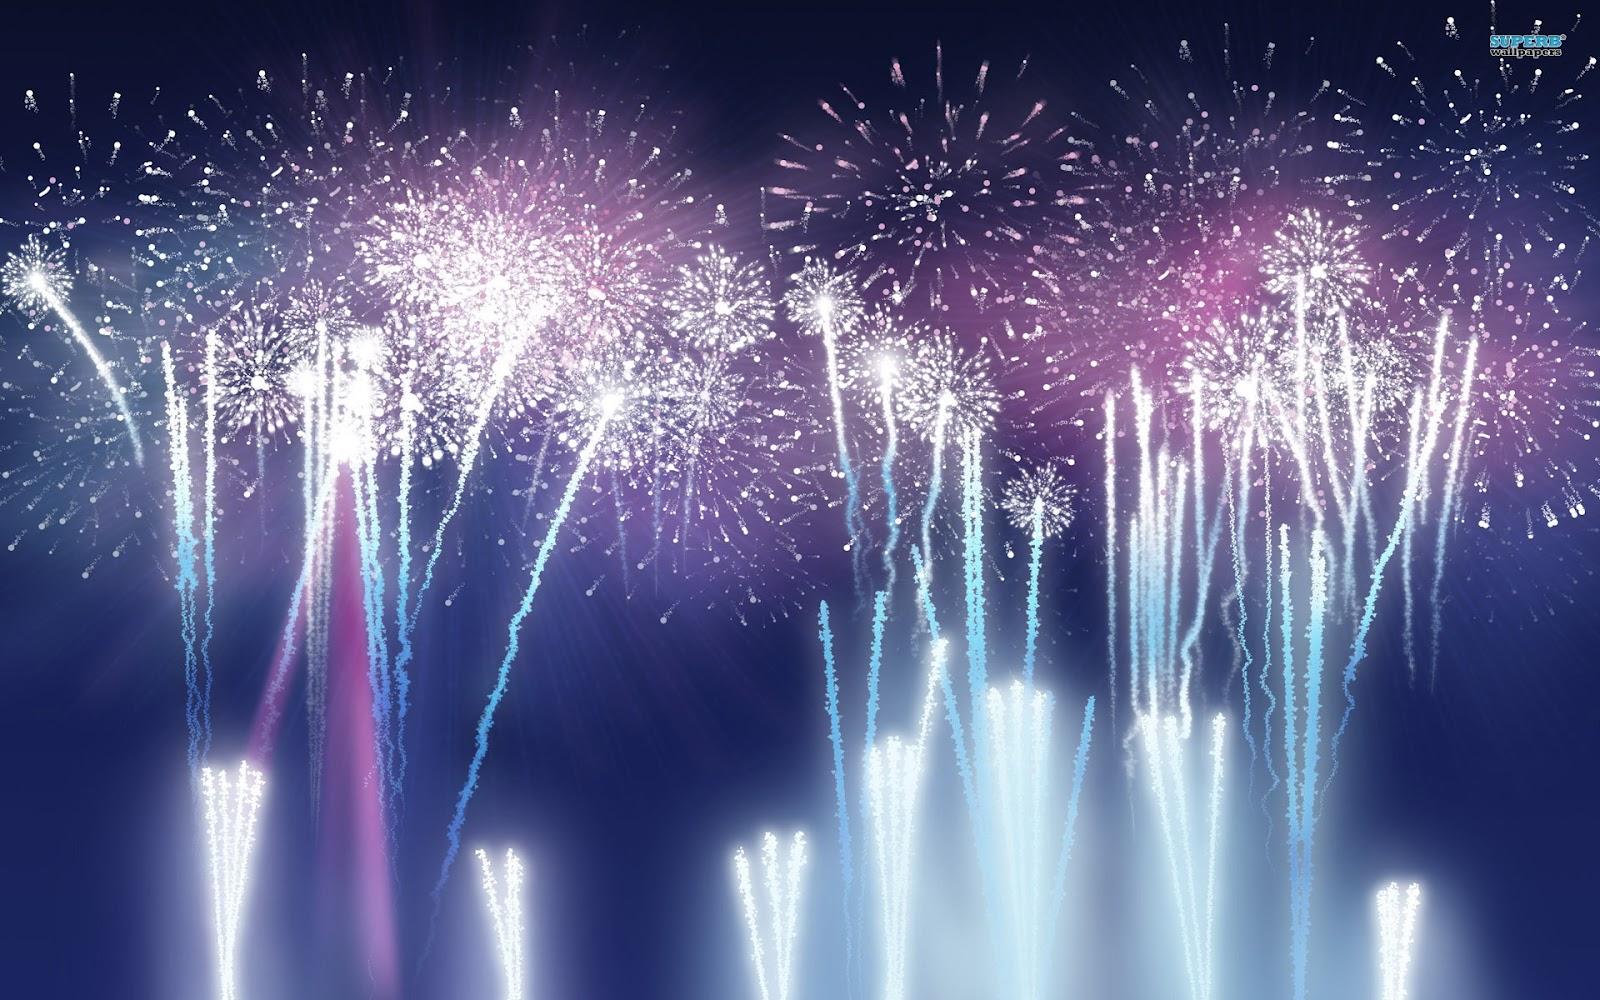 http://4.bp.blogspot.com/-UfXg_i8YuZg/UEIWWRoqibI/AAAAAAAABoY/fQENuVhcgbg/s1600/fireworks-2904-1920x1200%281%29.jpg